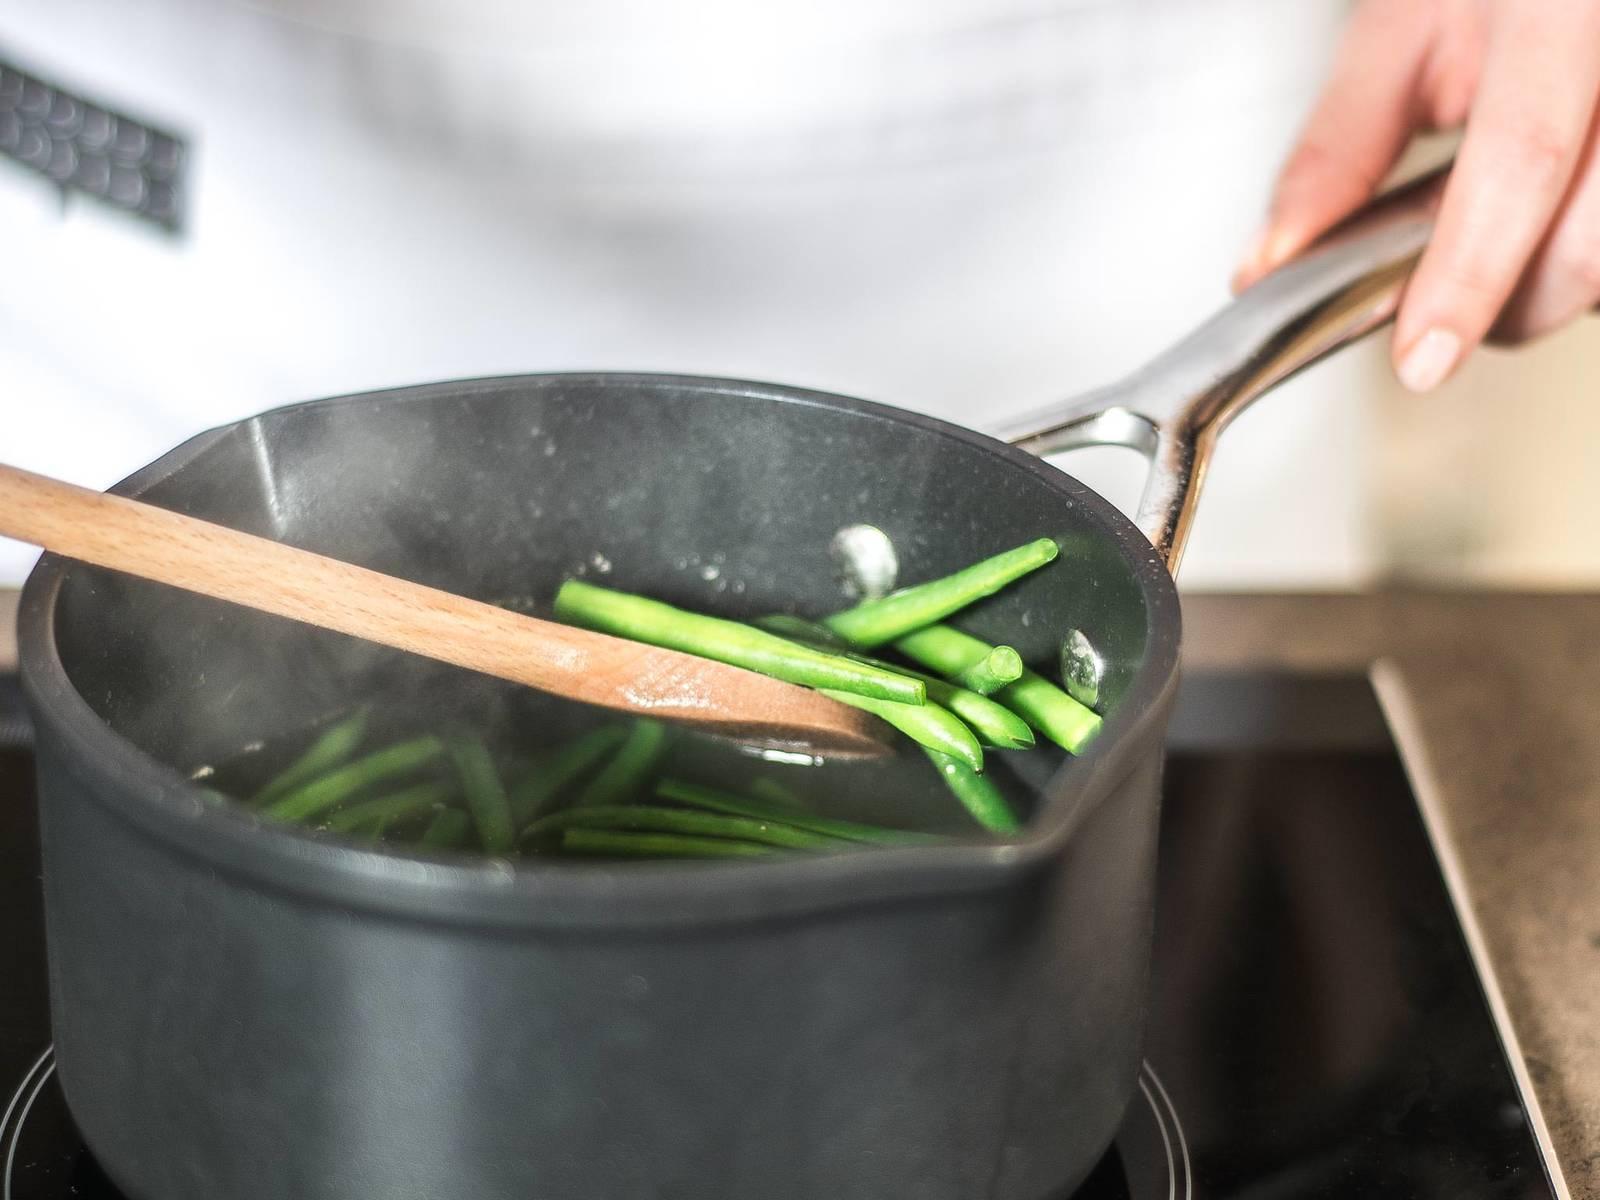 这期间,将豆角去尖,在另一小锅中汆水后备用。